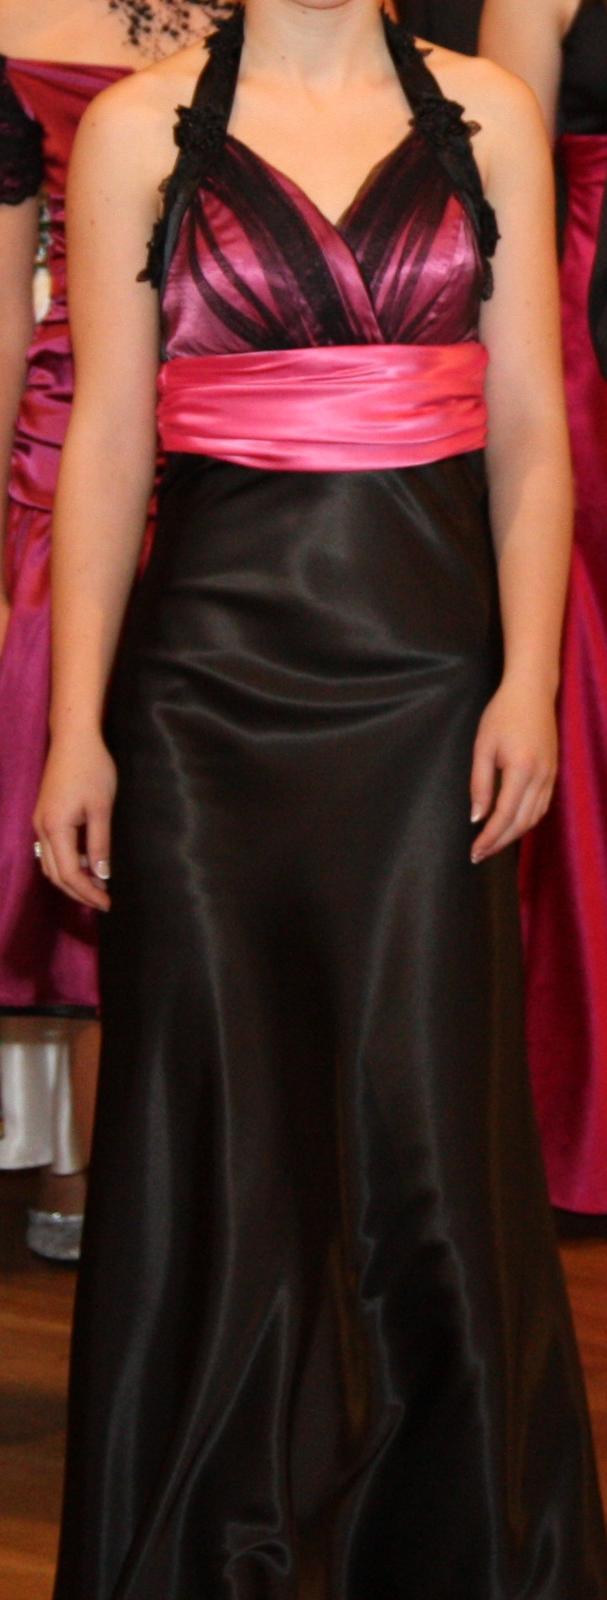 Čierno-ružové spoločenské šaty - Obrázok č. 1